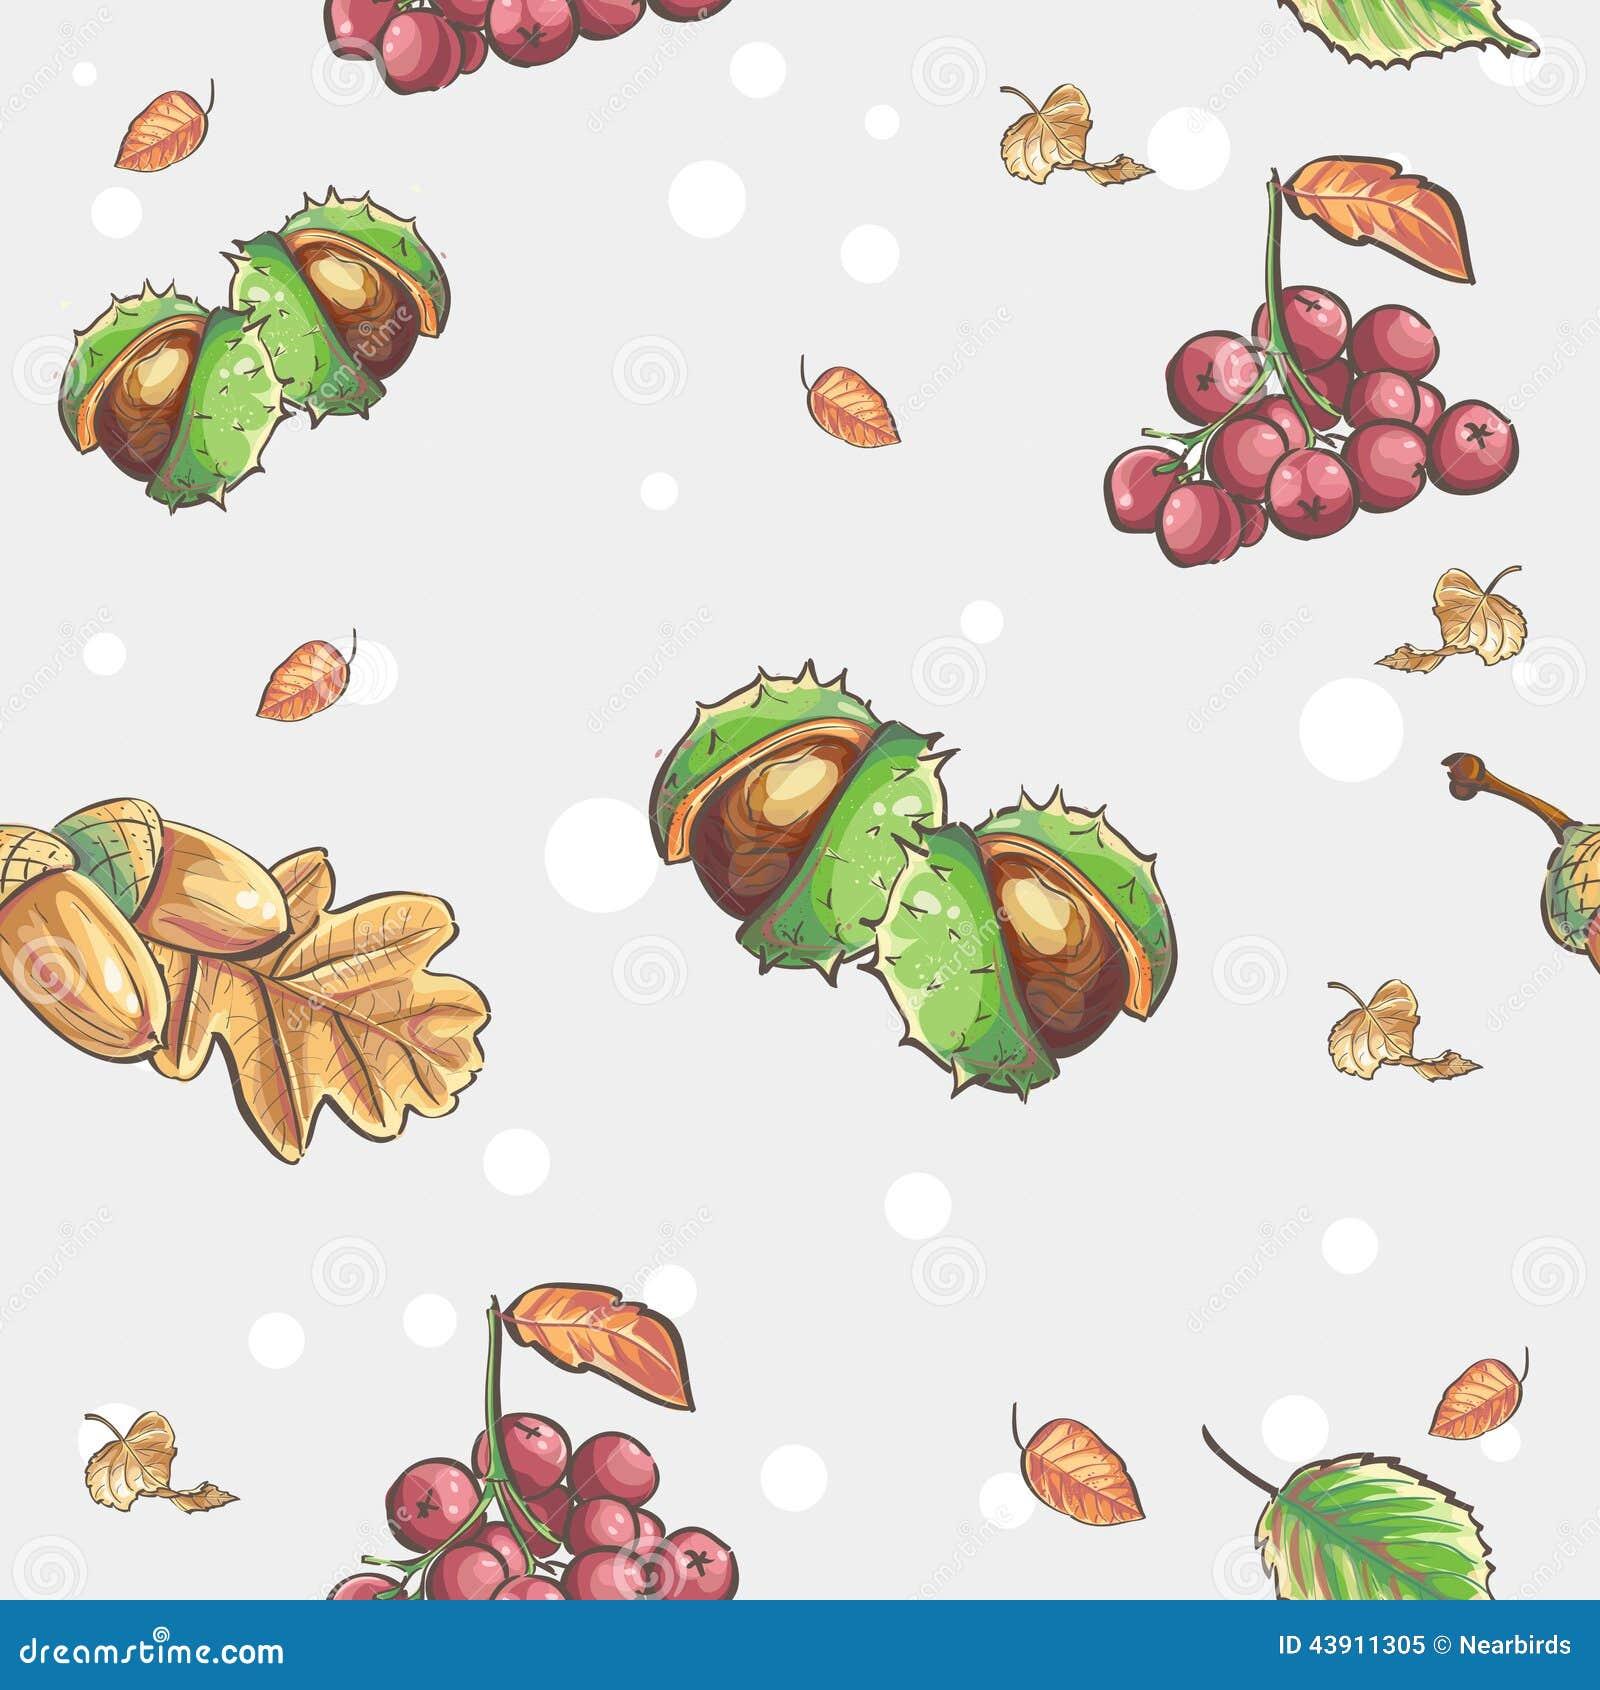 Безшовная осенняя картина с изображением каштанов и ягод рябины жолудей